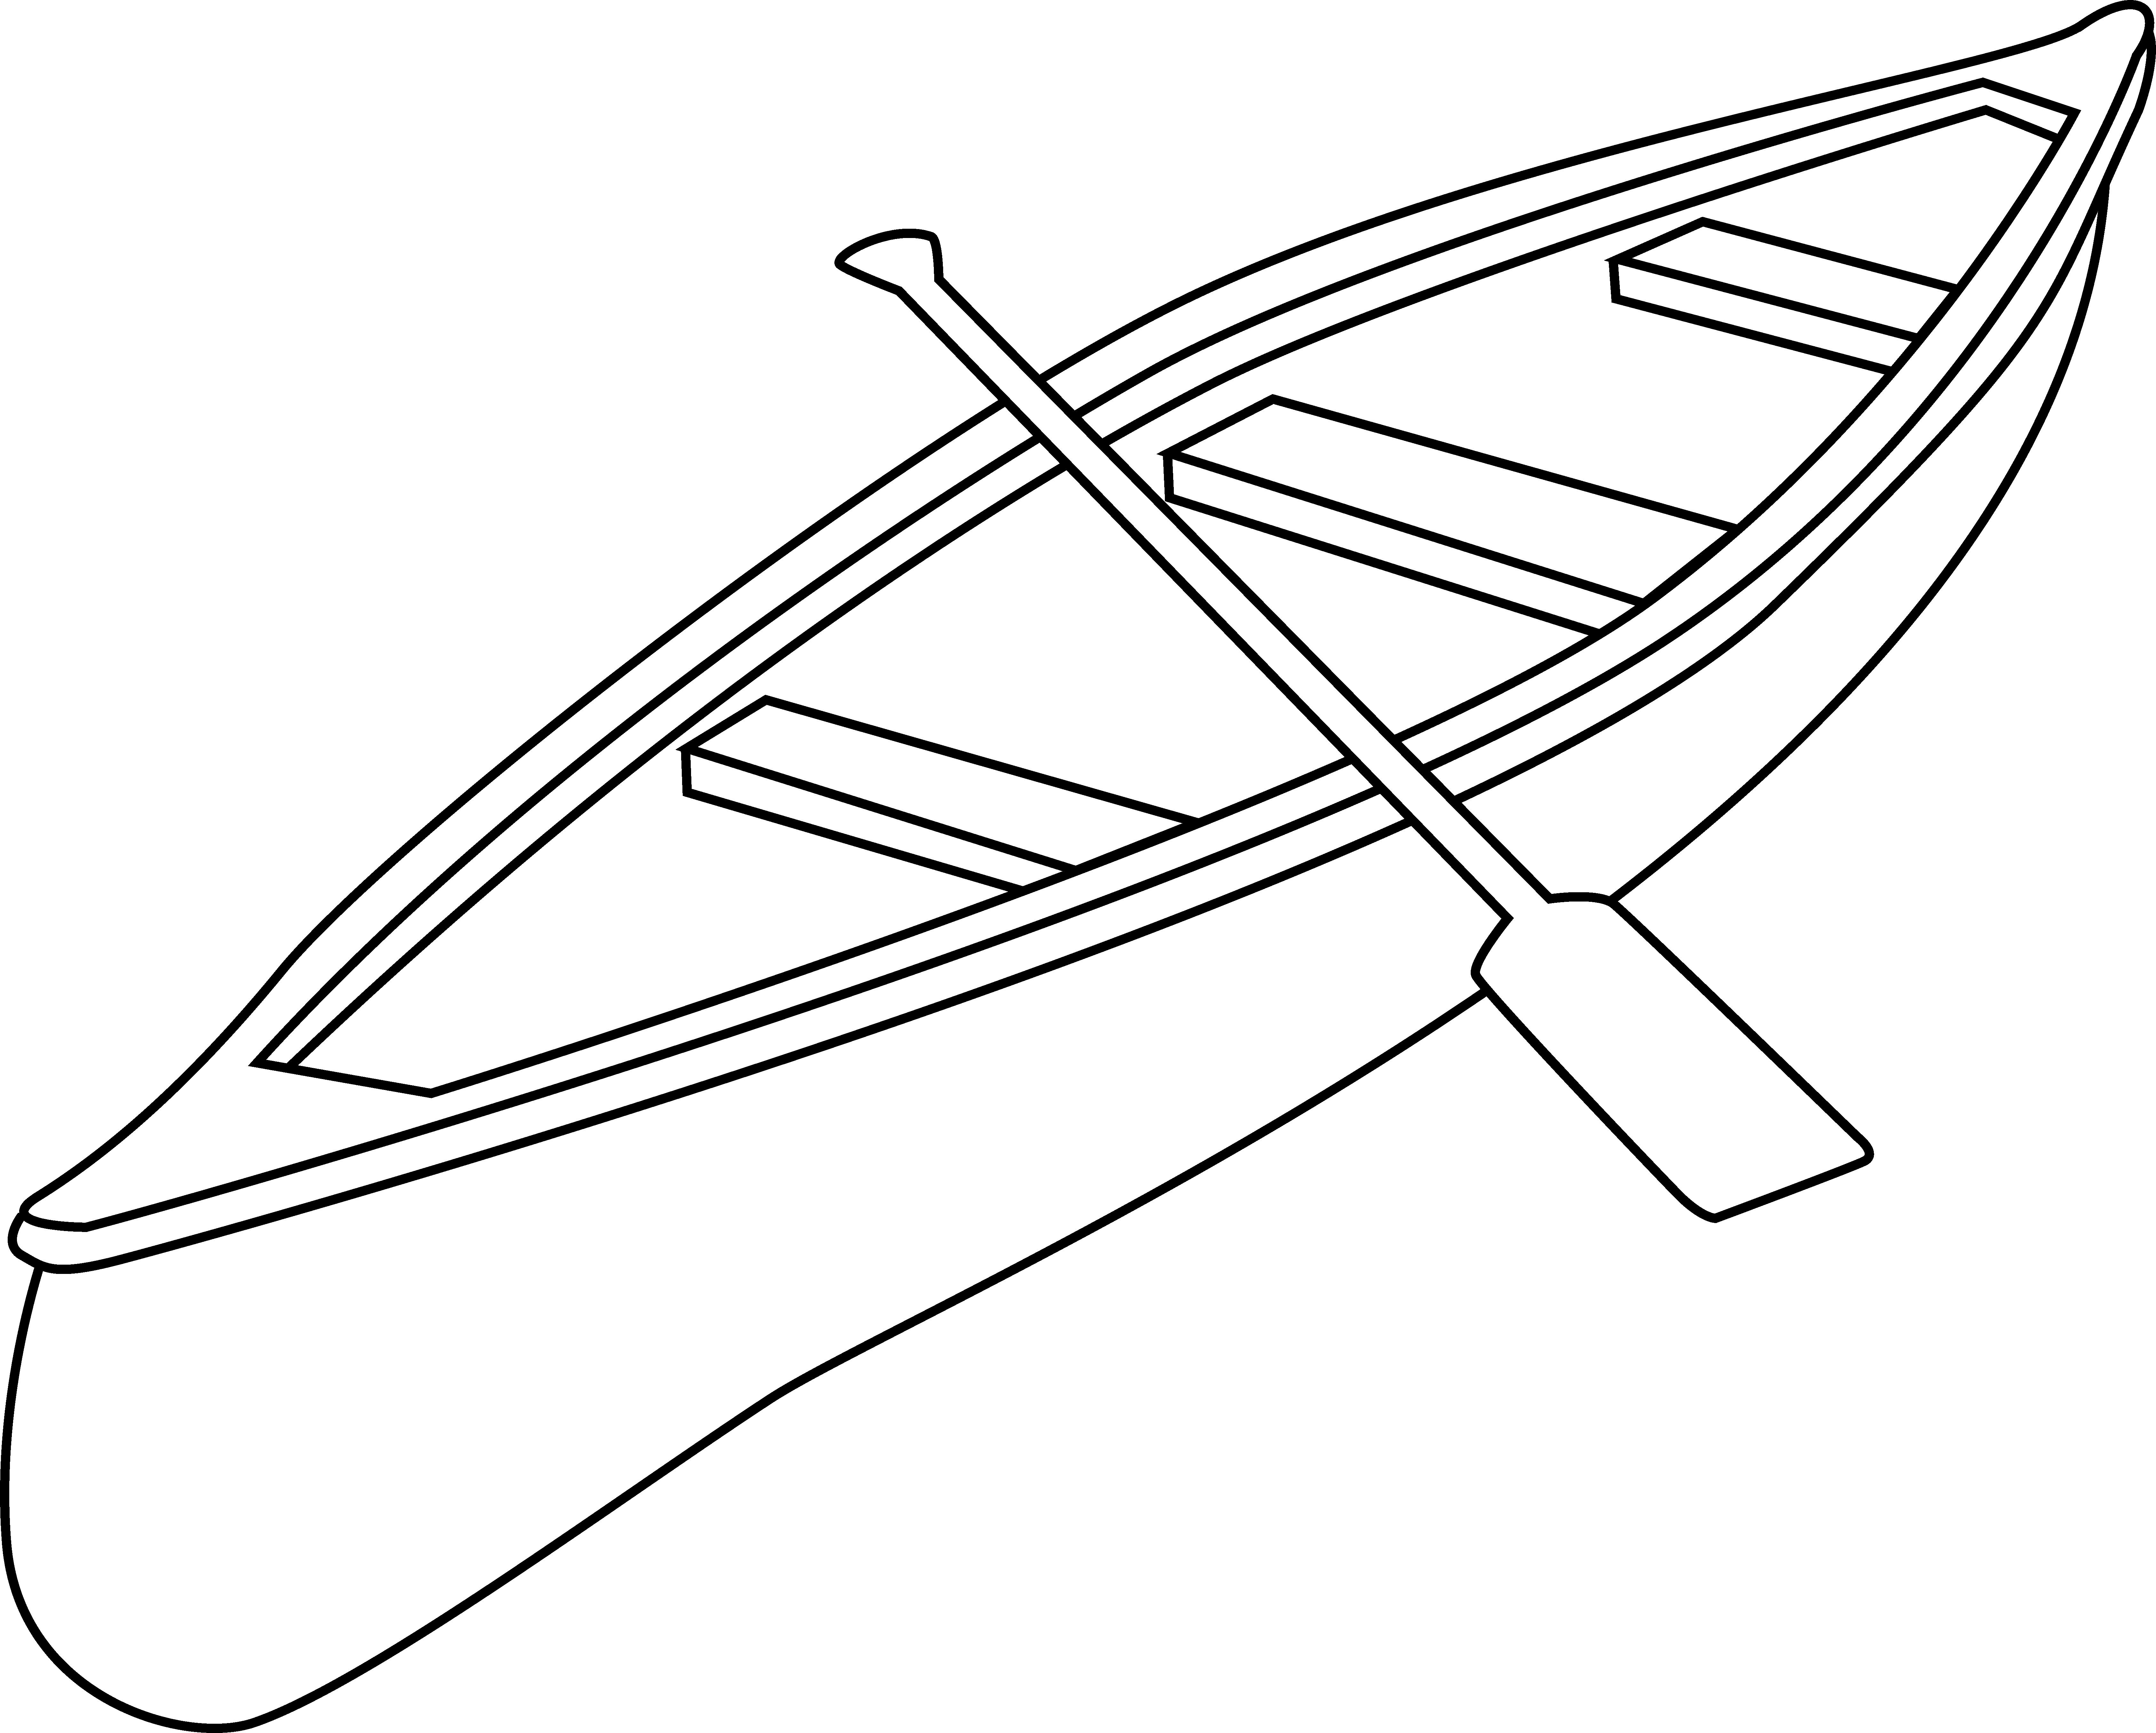 Free Canoe Clip Art Black And White Outline Clip Art Canoe Art